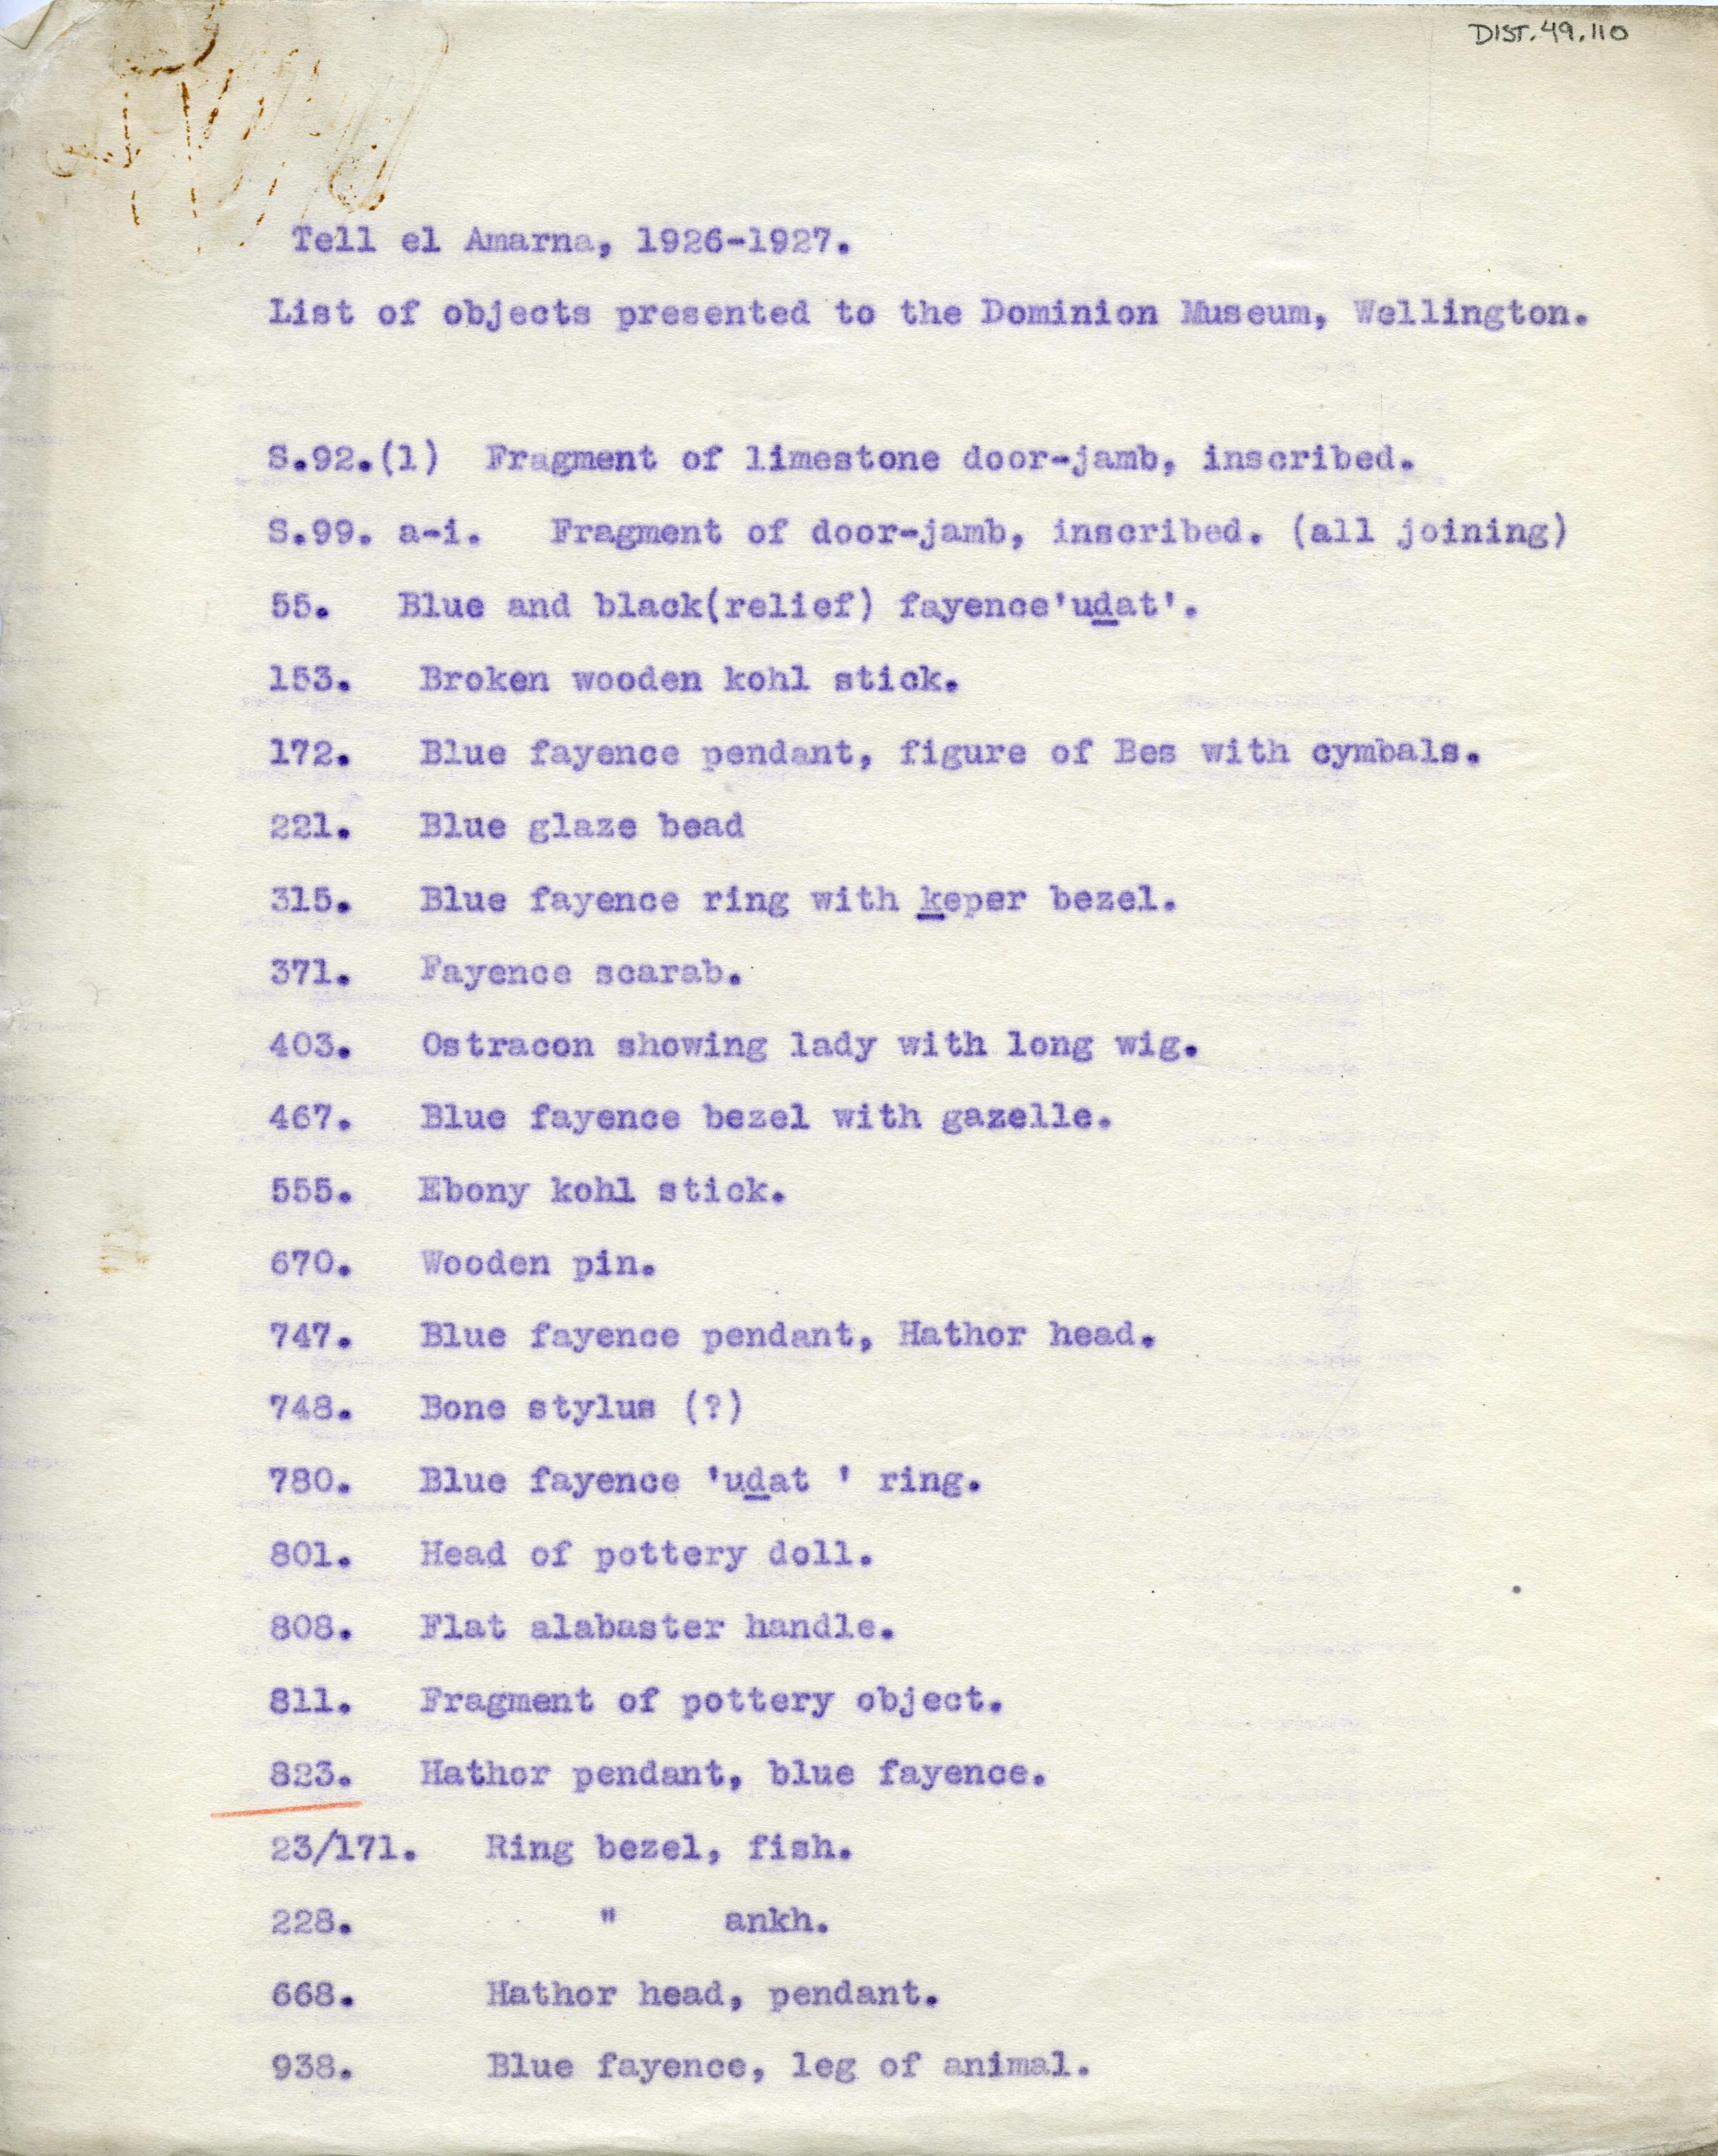 1926-27 el-Amarna DIST.49.110a